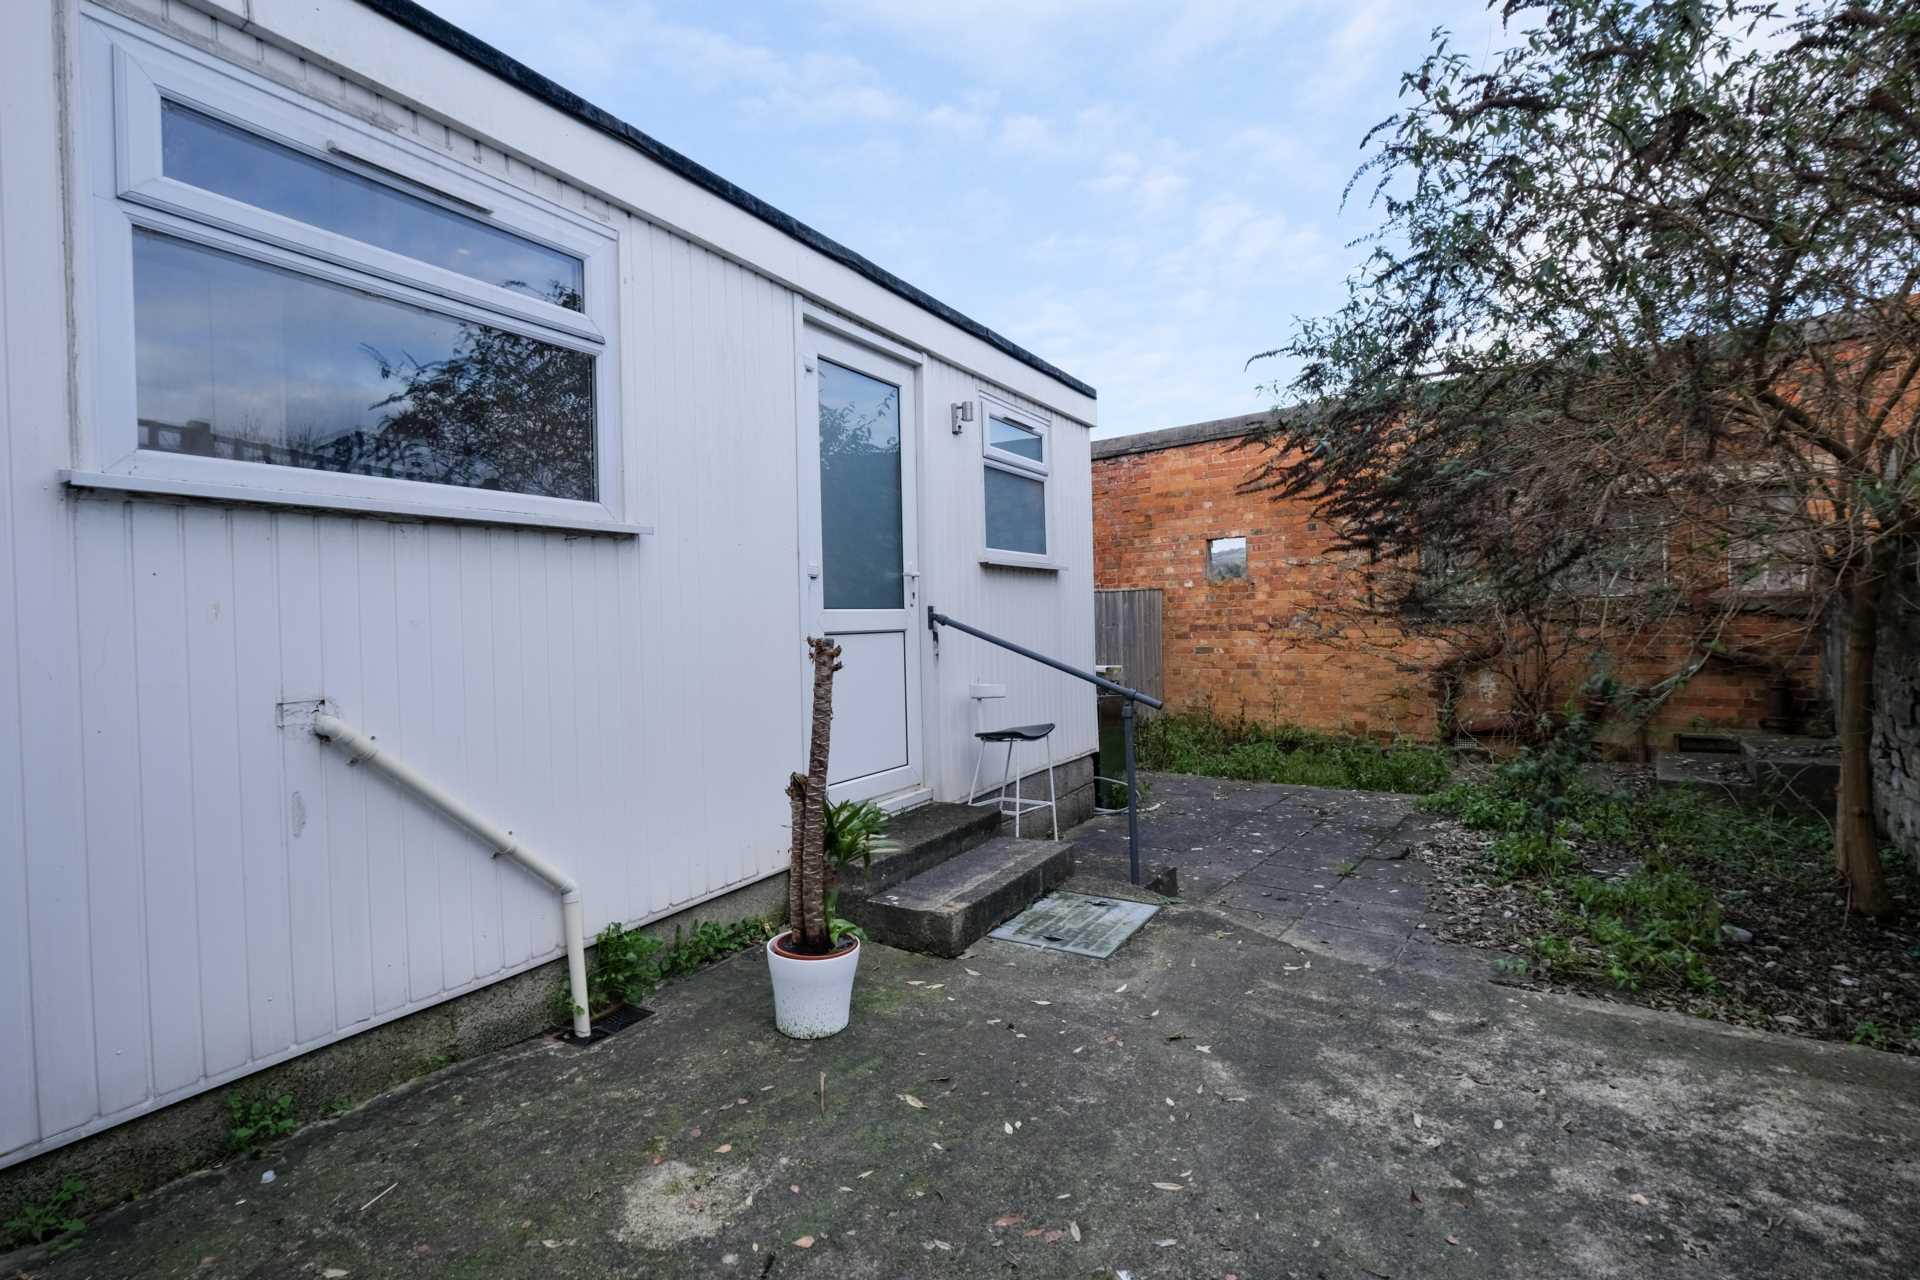 Southview Road, Bath, Image 8